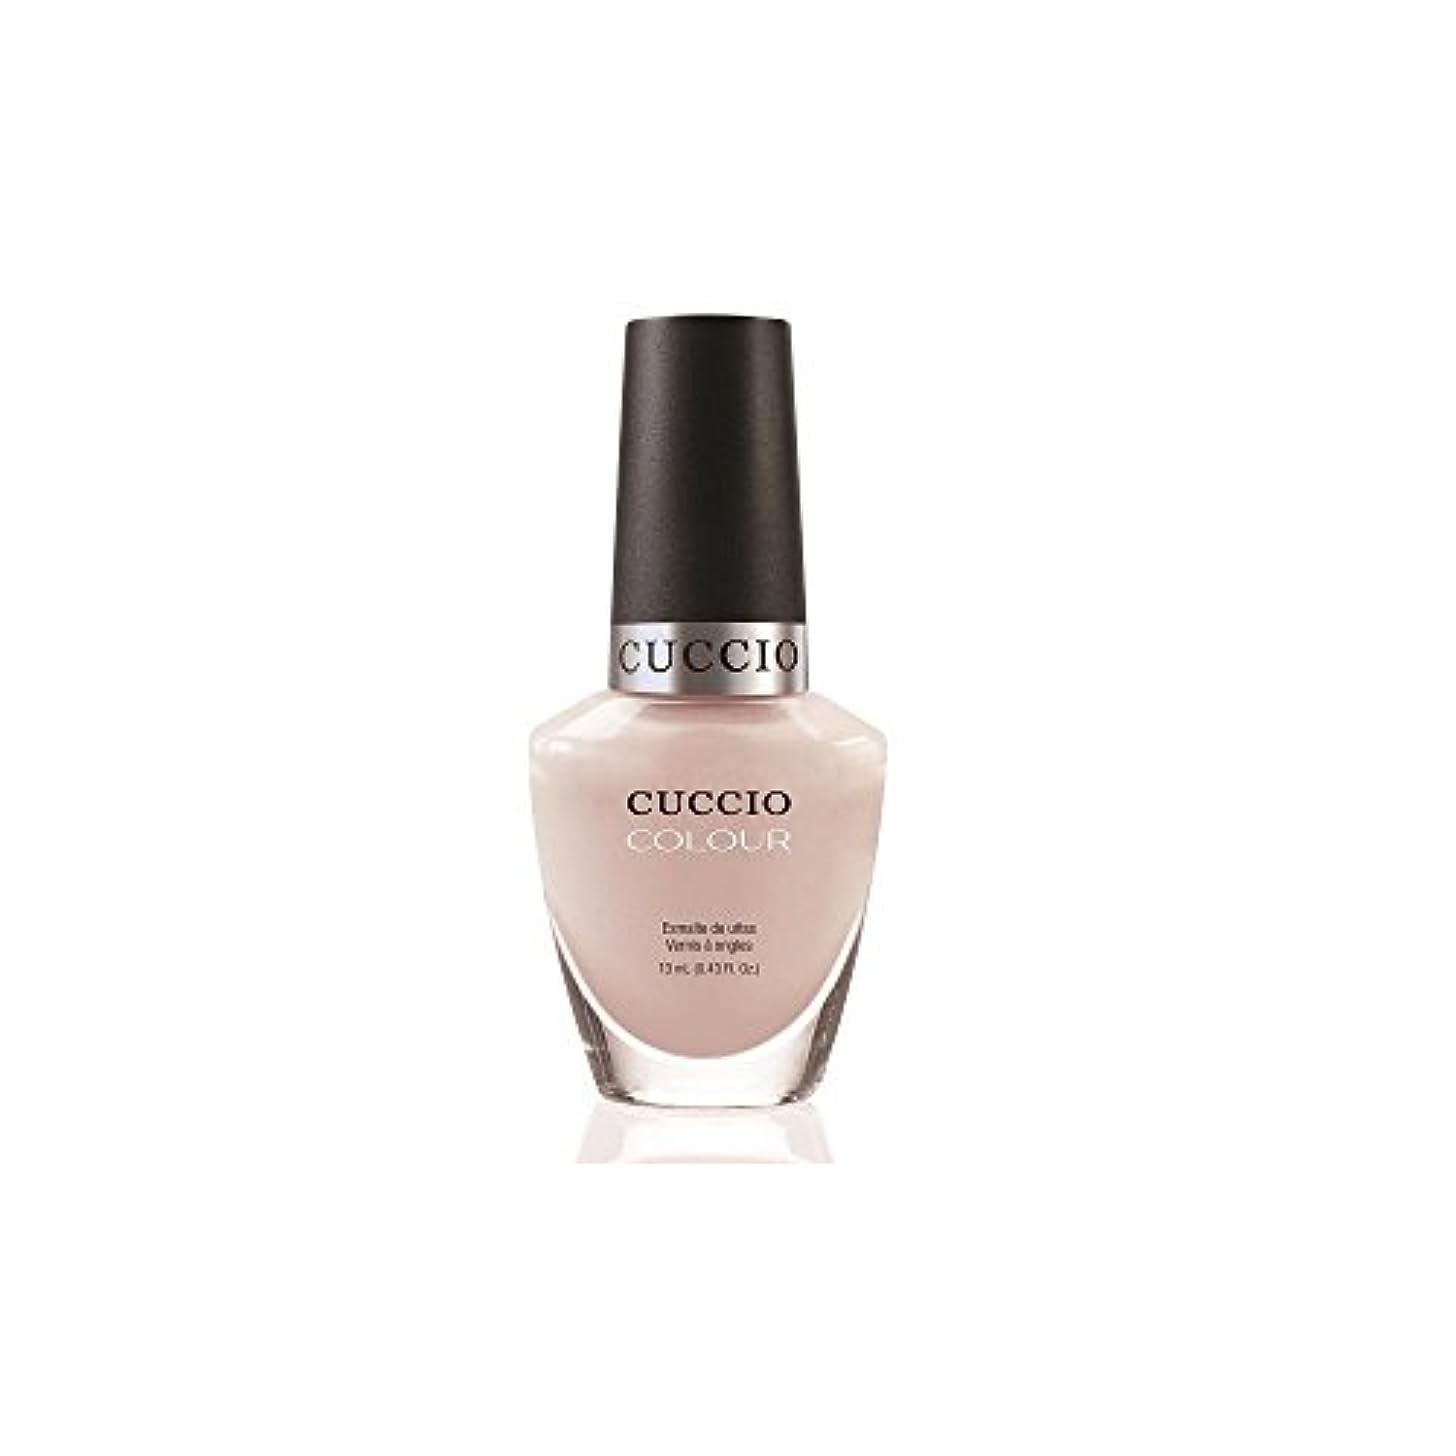 押し下げるこしょうデコレーションCuccio Colour Gloss Lacquer - Pink Champagne - 0.43oz / 13ml